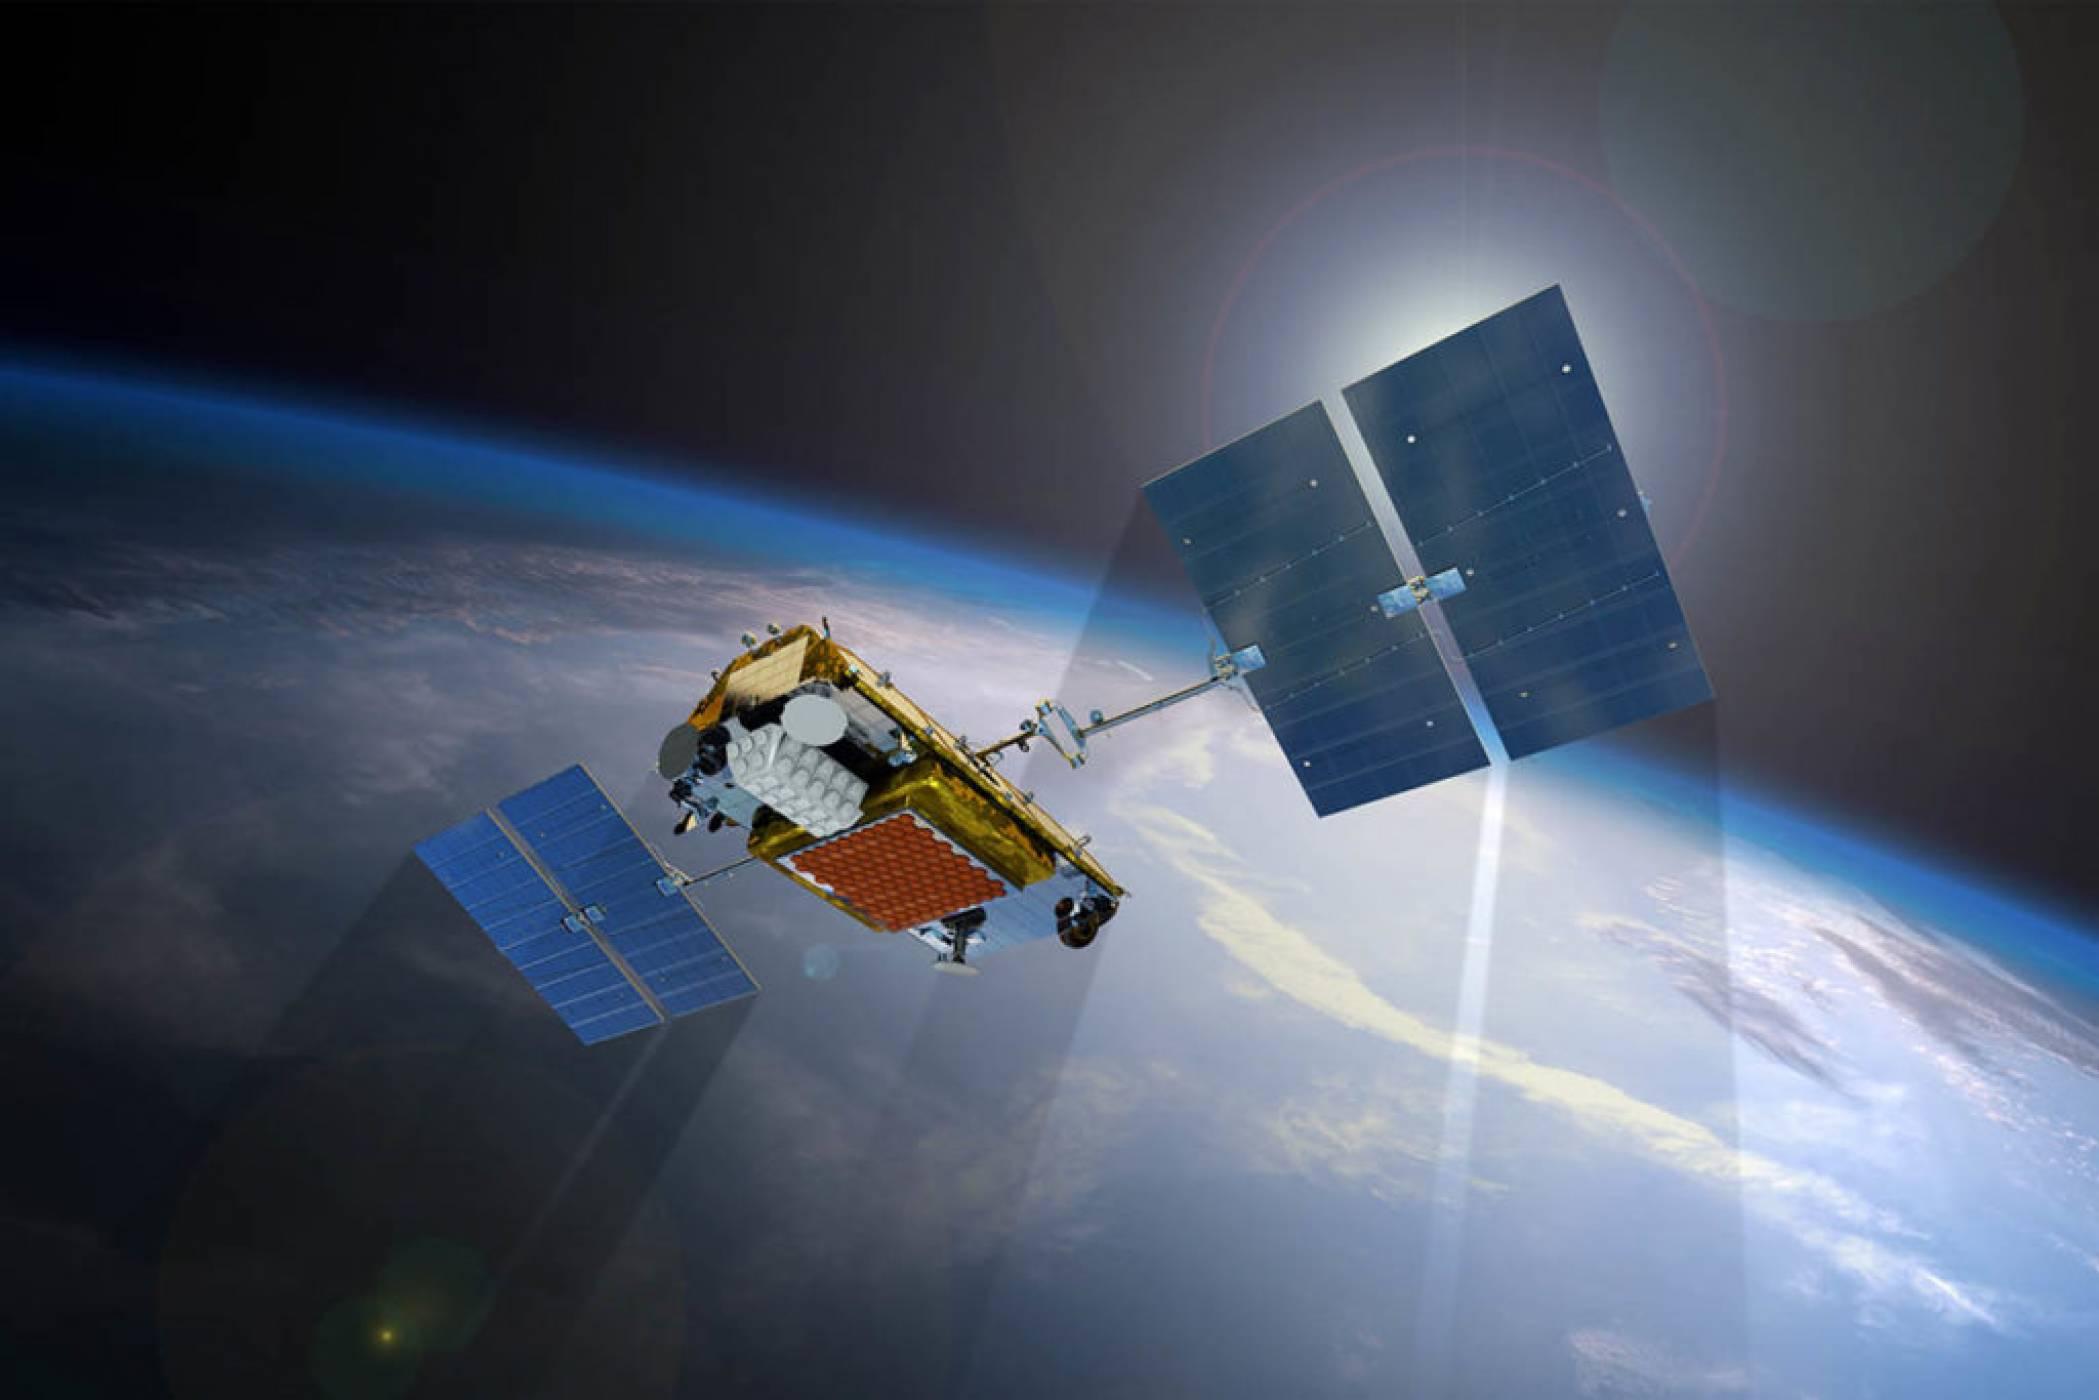 Плановете на SpaceX за флотилия от сателити са официално одобрени